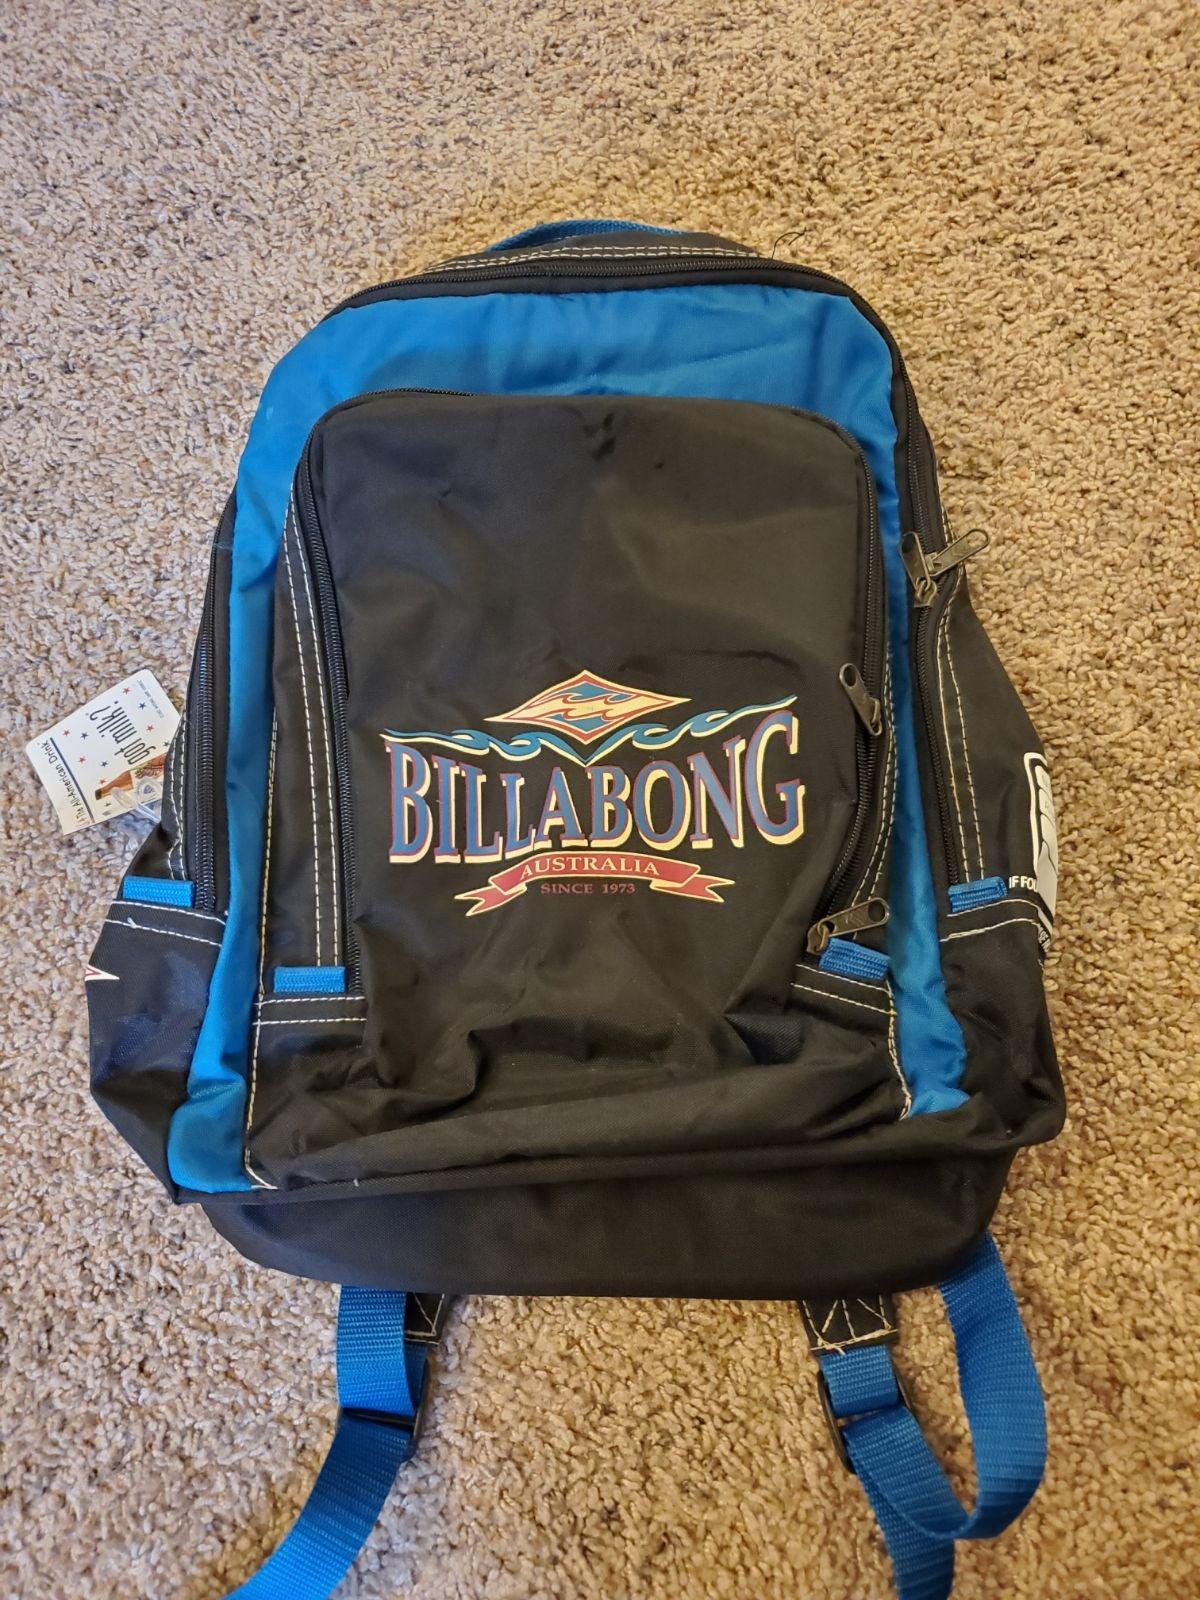 Vintage Billabong backpack